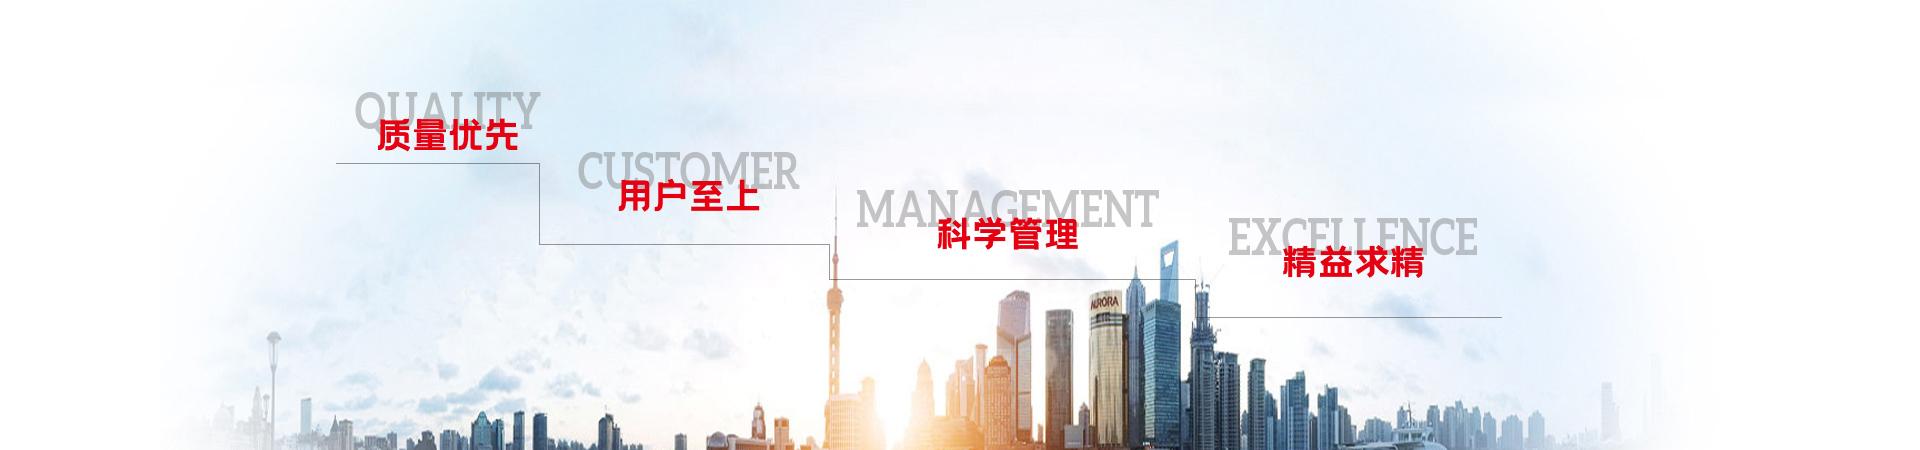 http://www.hzjianshe.cn/data/upload/202008/20200820120830_257.jpg